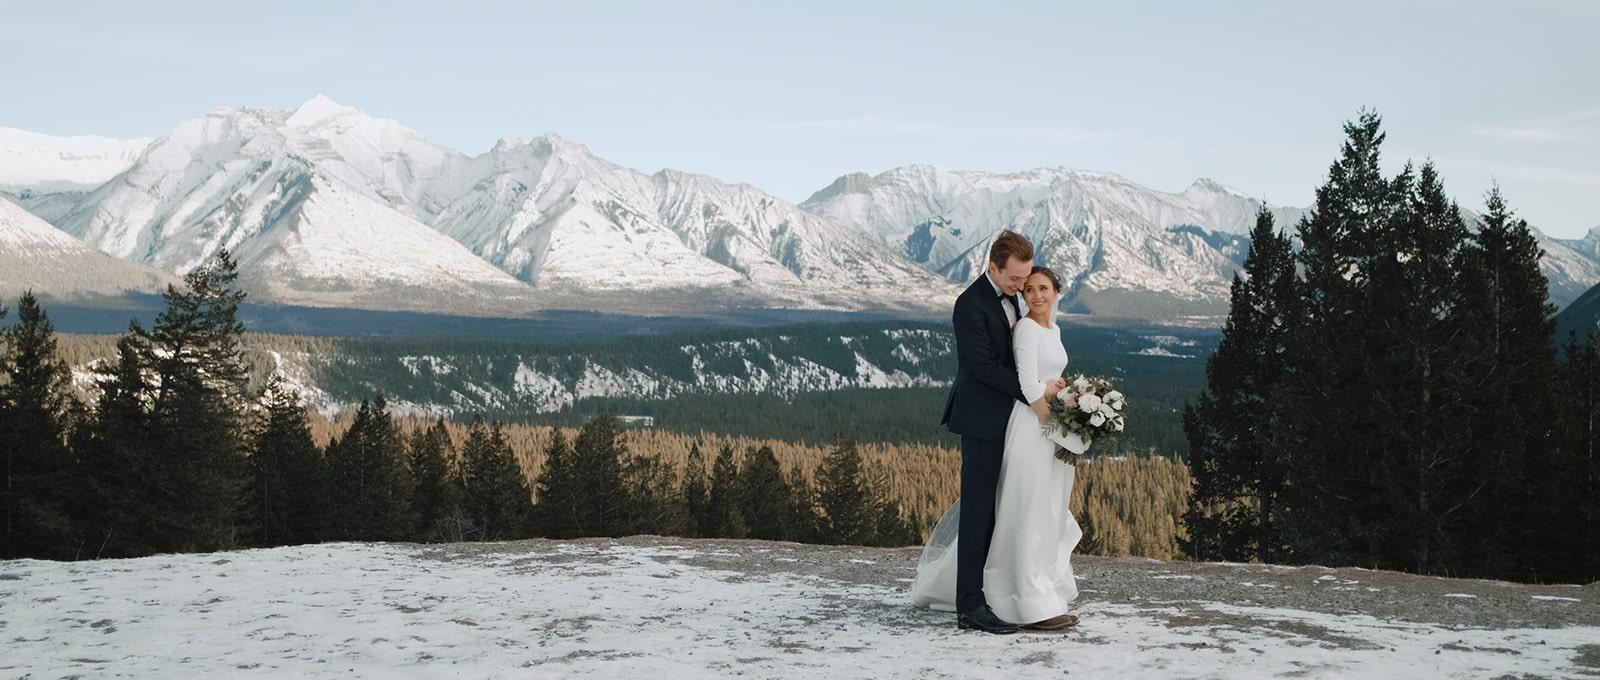 Alex + Natalie - Fairmont Banff Springs Winter Wedding